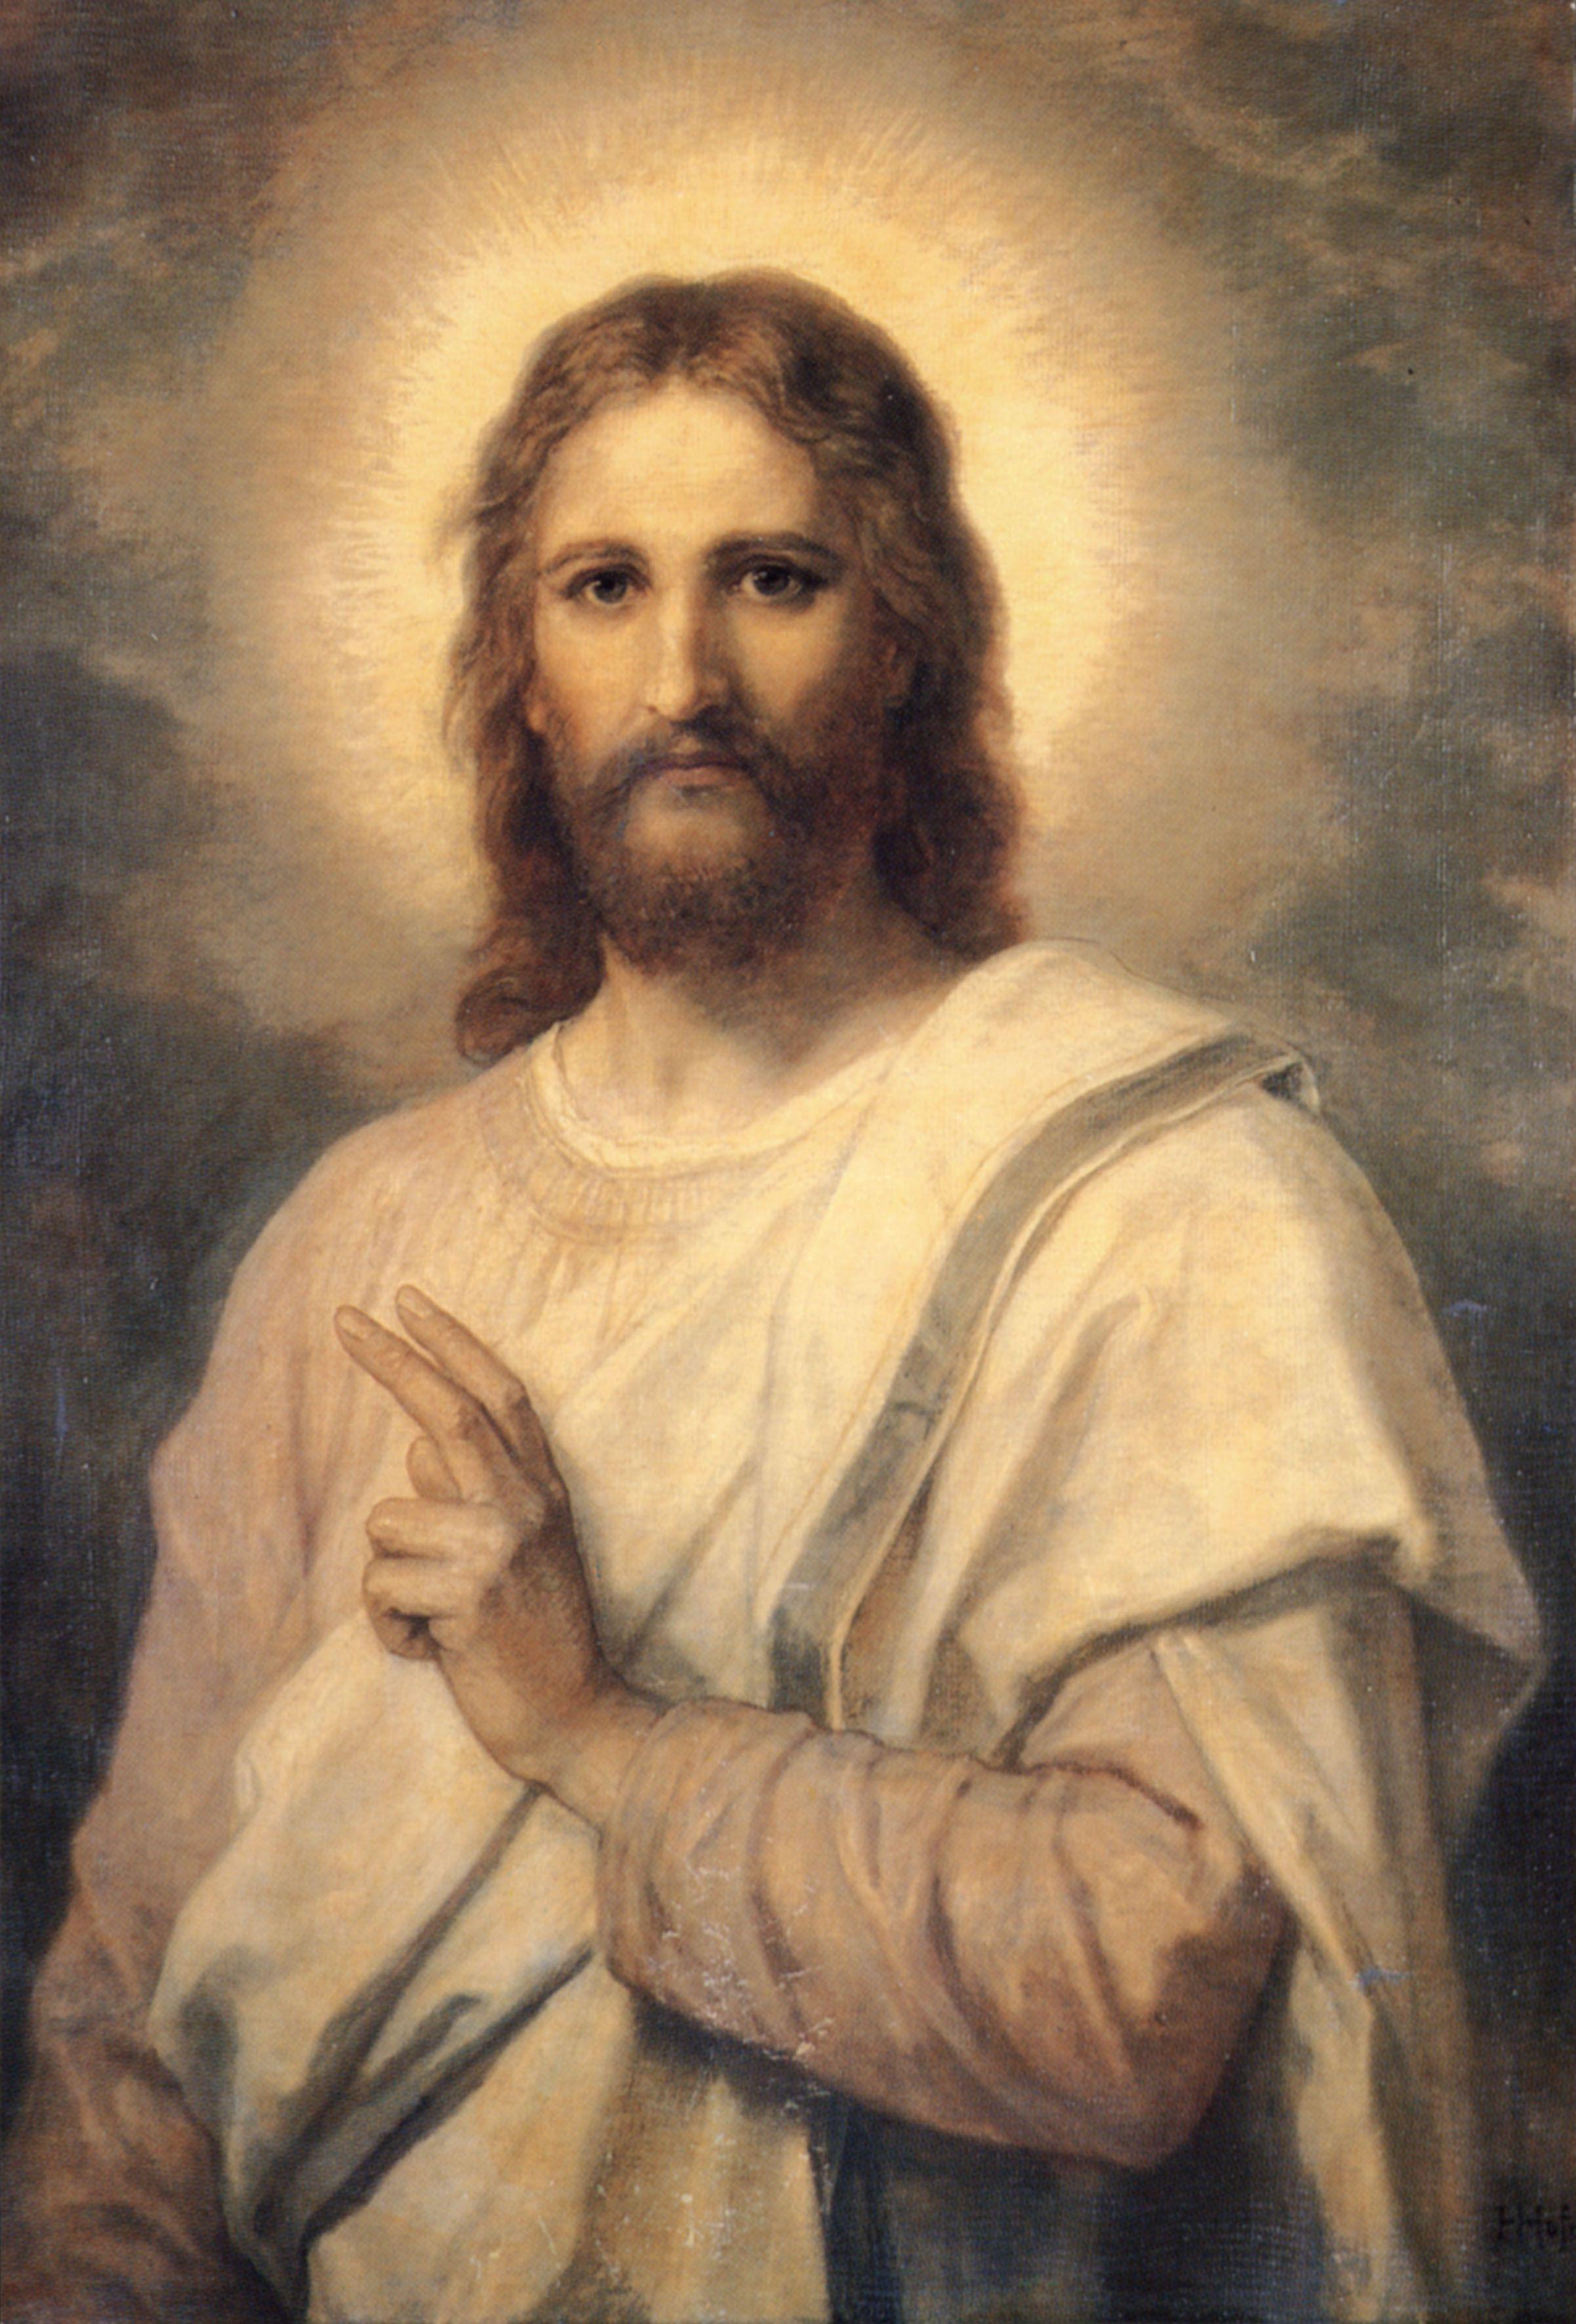 Gesù da scoprire nell'intimo del cuore